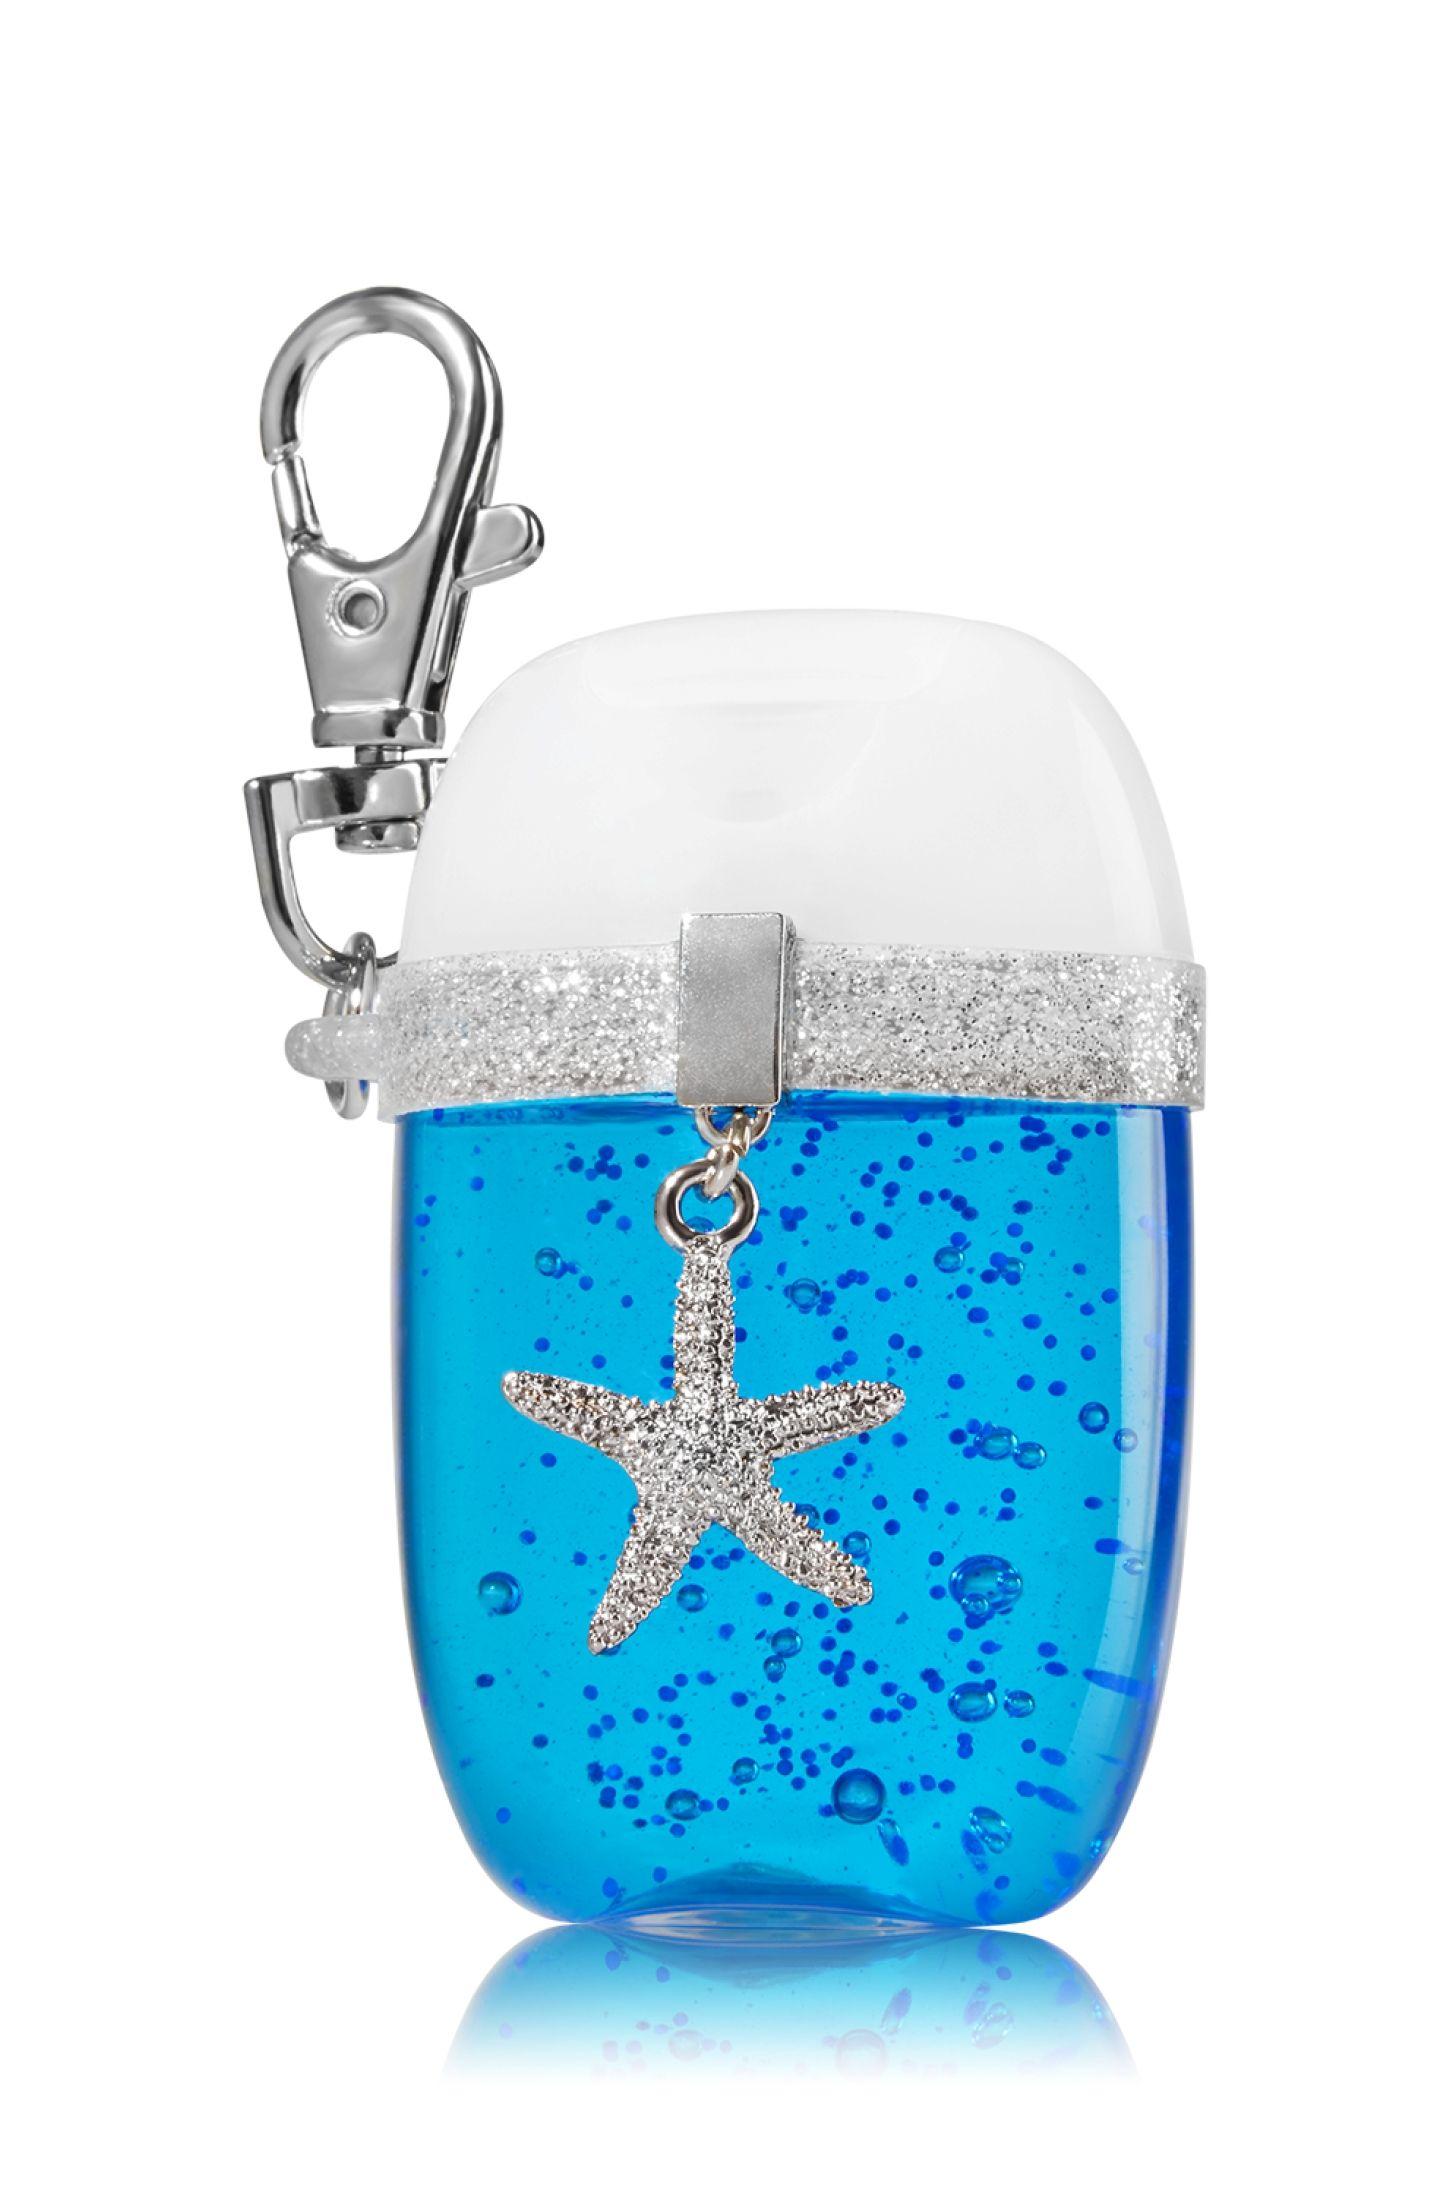 Starfish Charm Band Pocketbac Holder Bath Body Works Bath